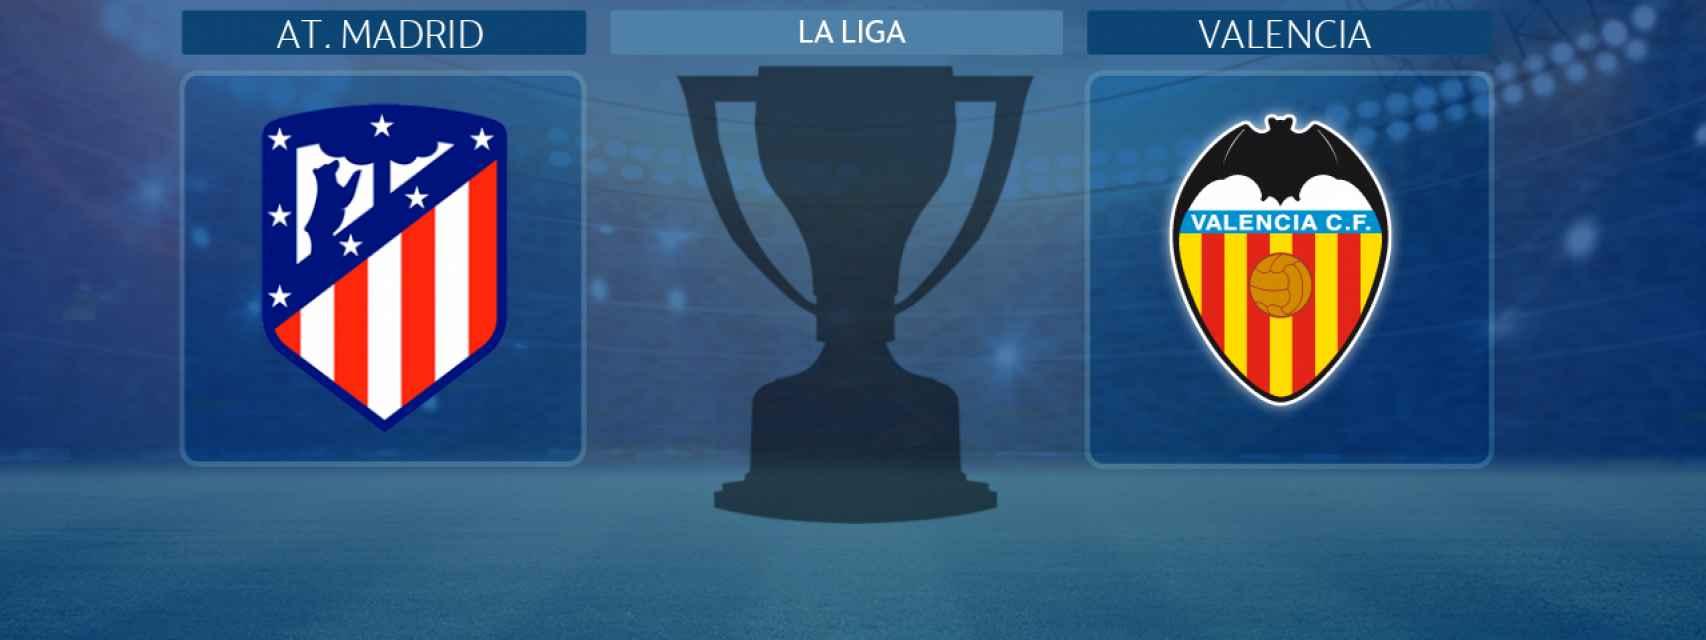 Atlético de Madrid - Valencia, partido de La Liga